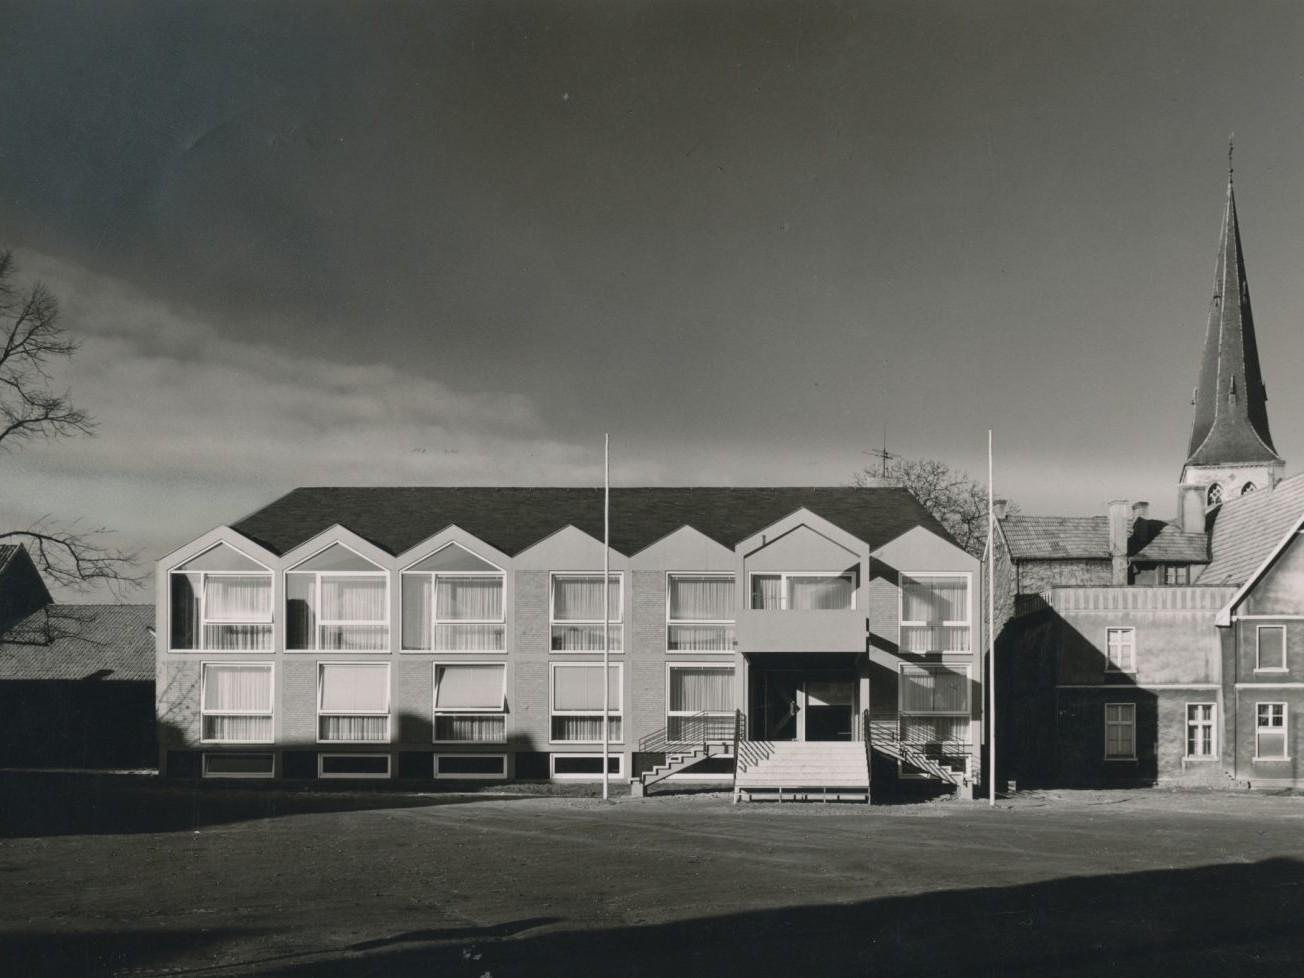 Harald Deilmann: Rathaus Nordwalde, 1957 - Abb.: Baukunstarchiv NRW / Nachlass Harald Deilmann, Foto: Friedhelm Thomas